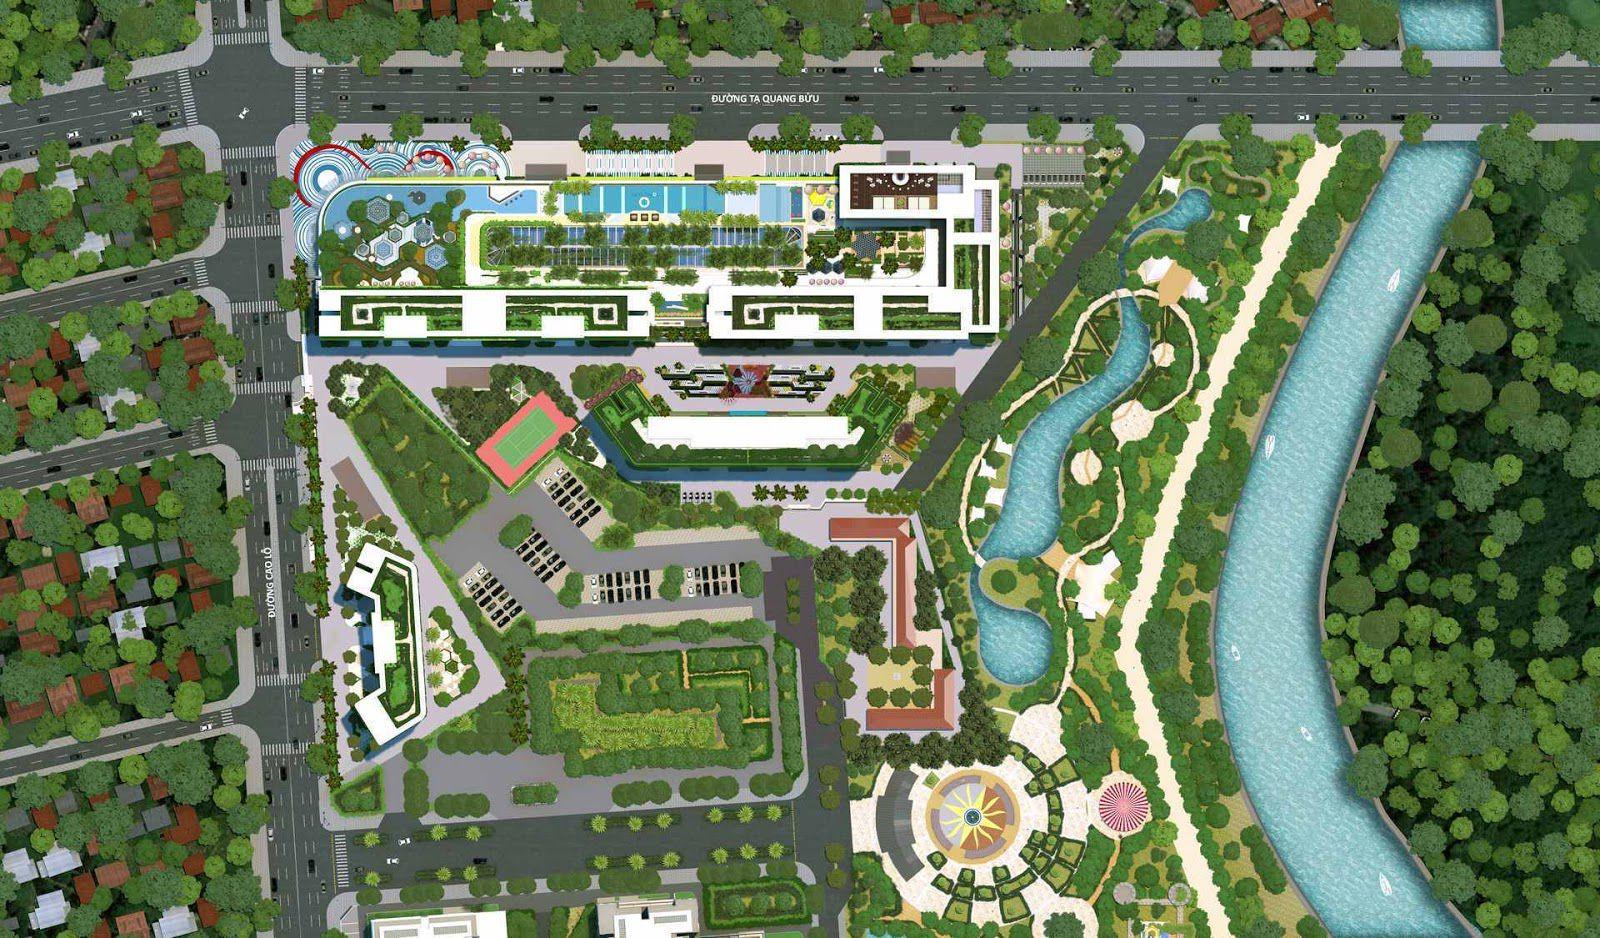 Phong cách thiết kế và loại hình căn hộ Laimian City